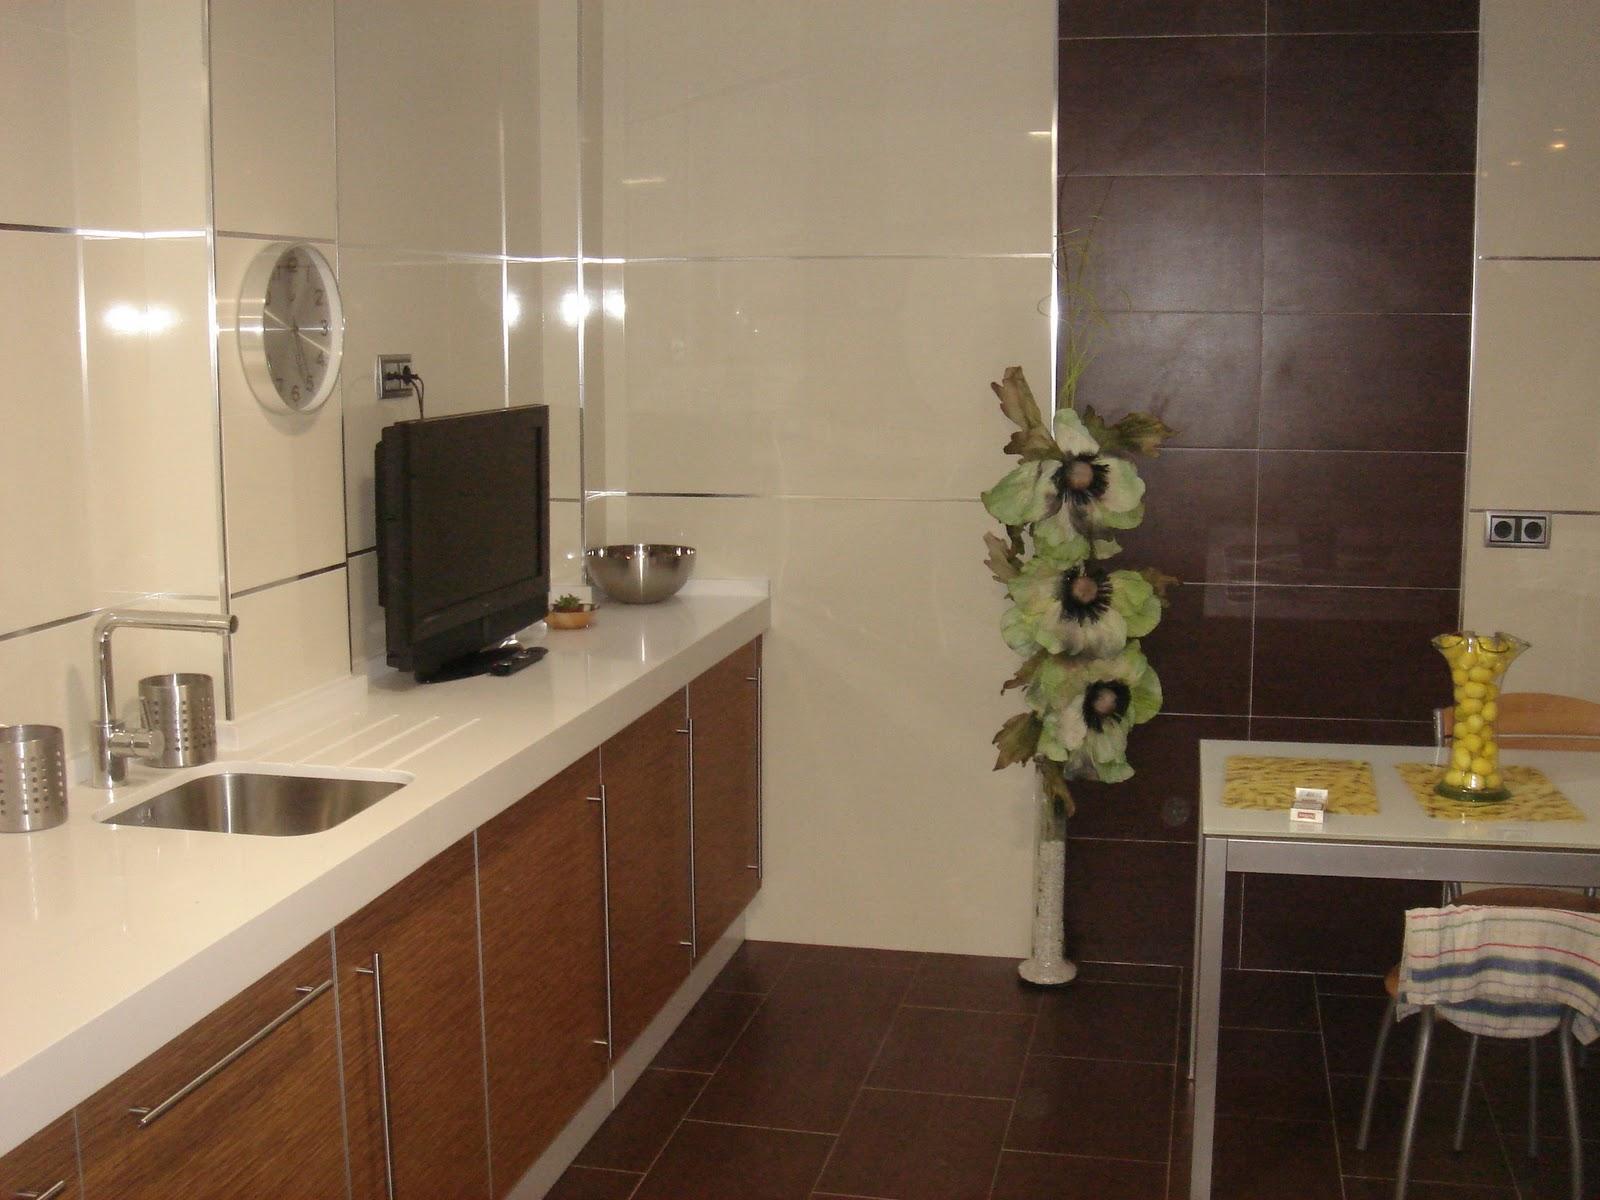 Azulejos Baño Horizontal O Vertical:Cocina con azulejos rectificado y  #A0882B 1600x1200 Azulejo Banheiro Vertical Ou Horizontal